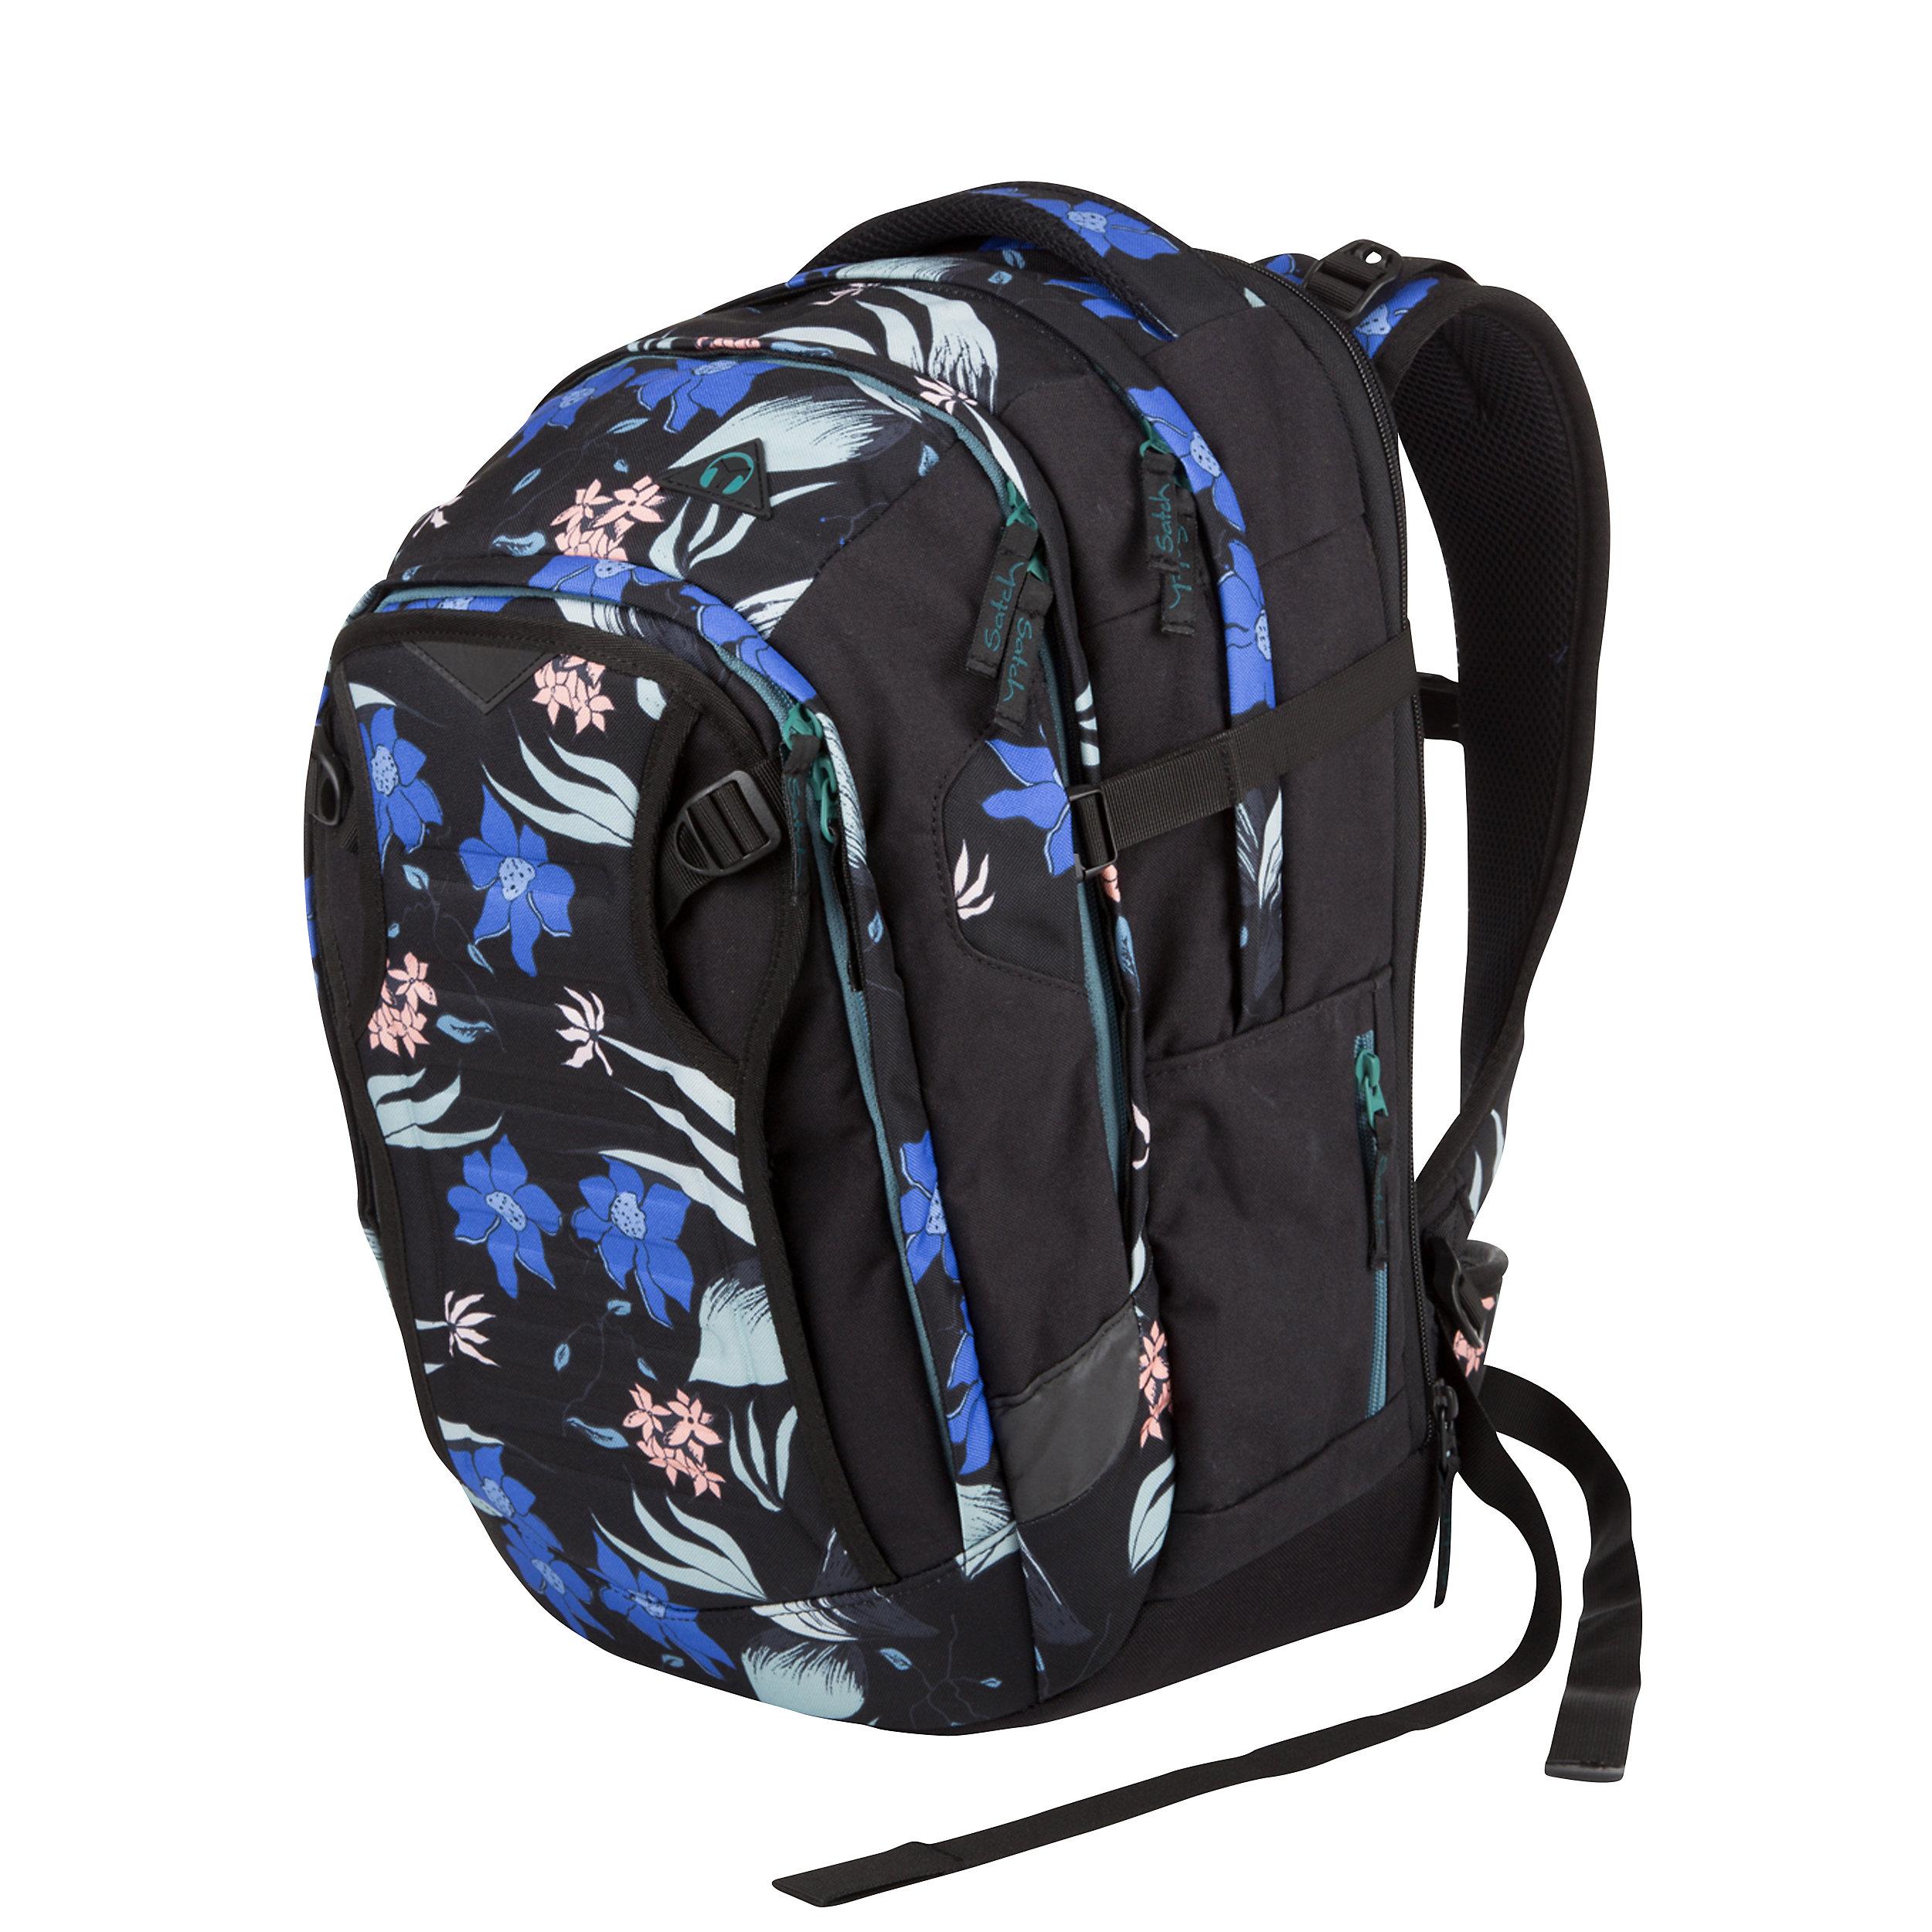 School Backpack Satch match 2.0 35 Liter